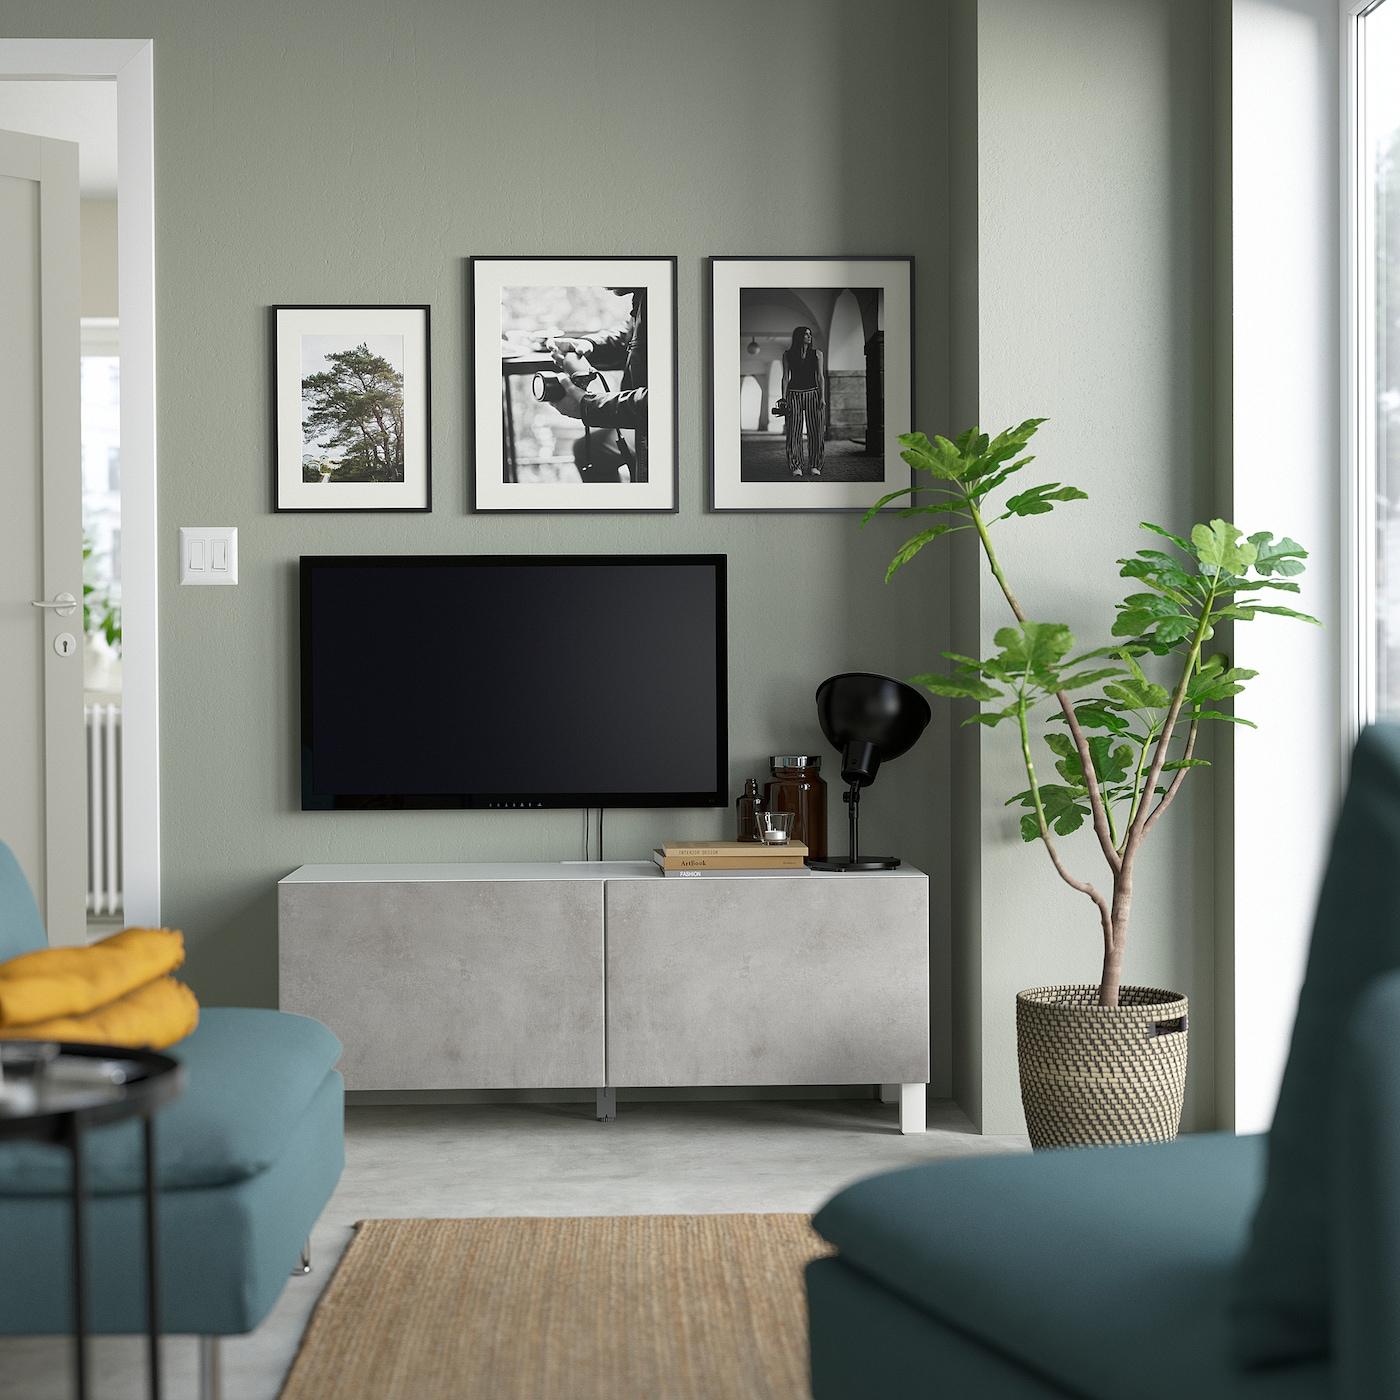 Bestå Tv Bench With Doors White Kallviken Stubbarp Light Grey Ikea